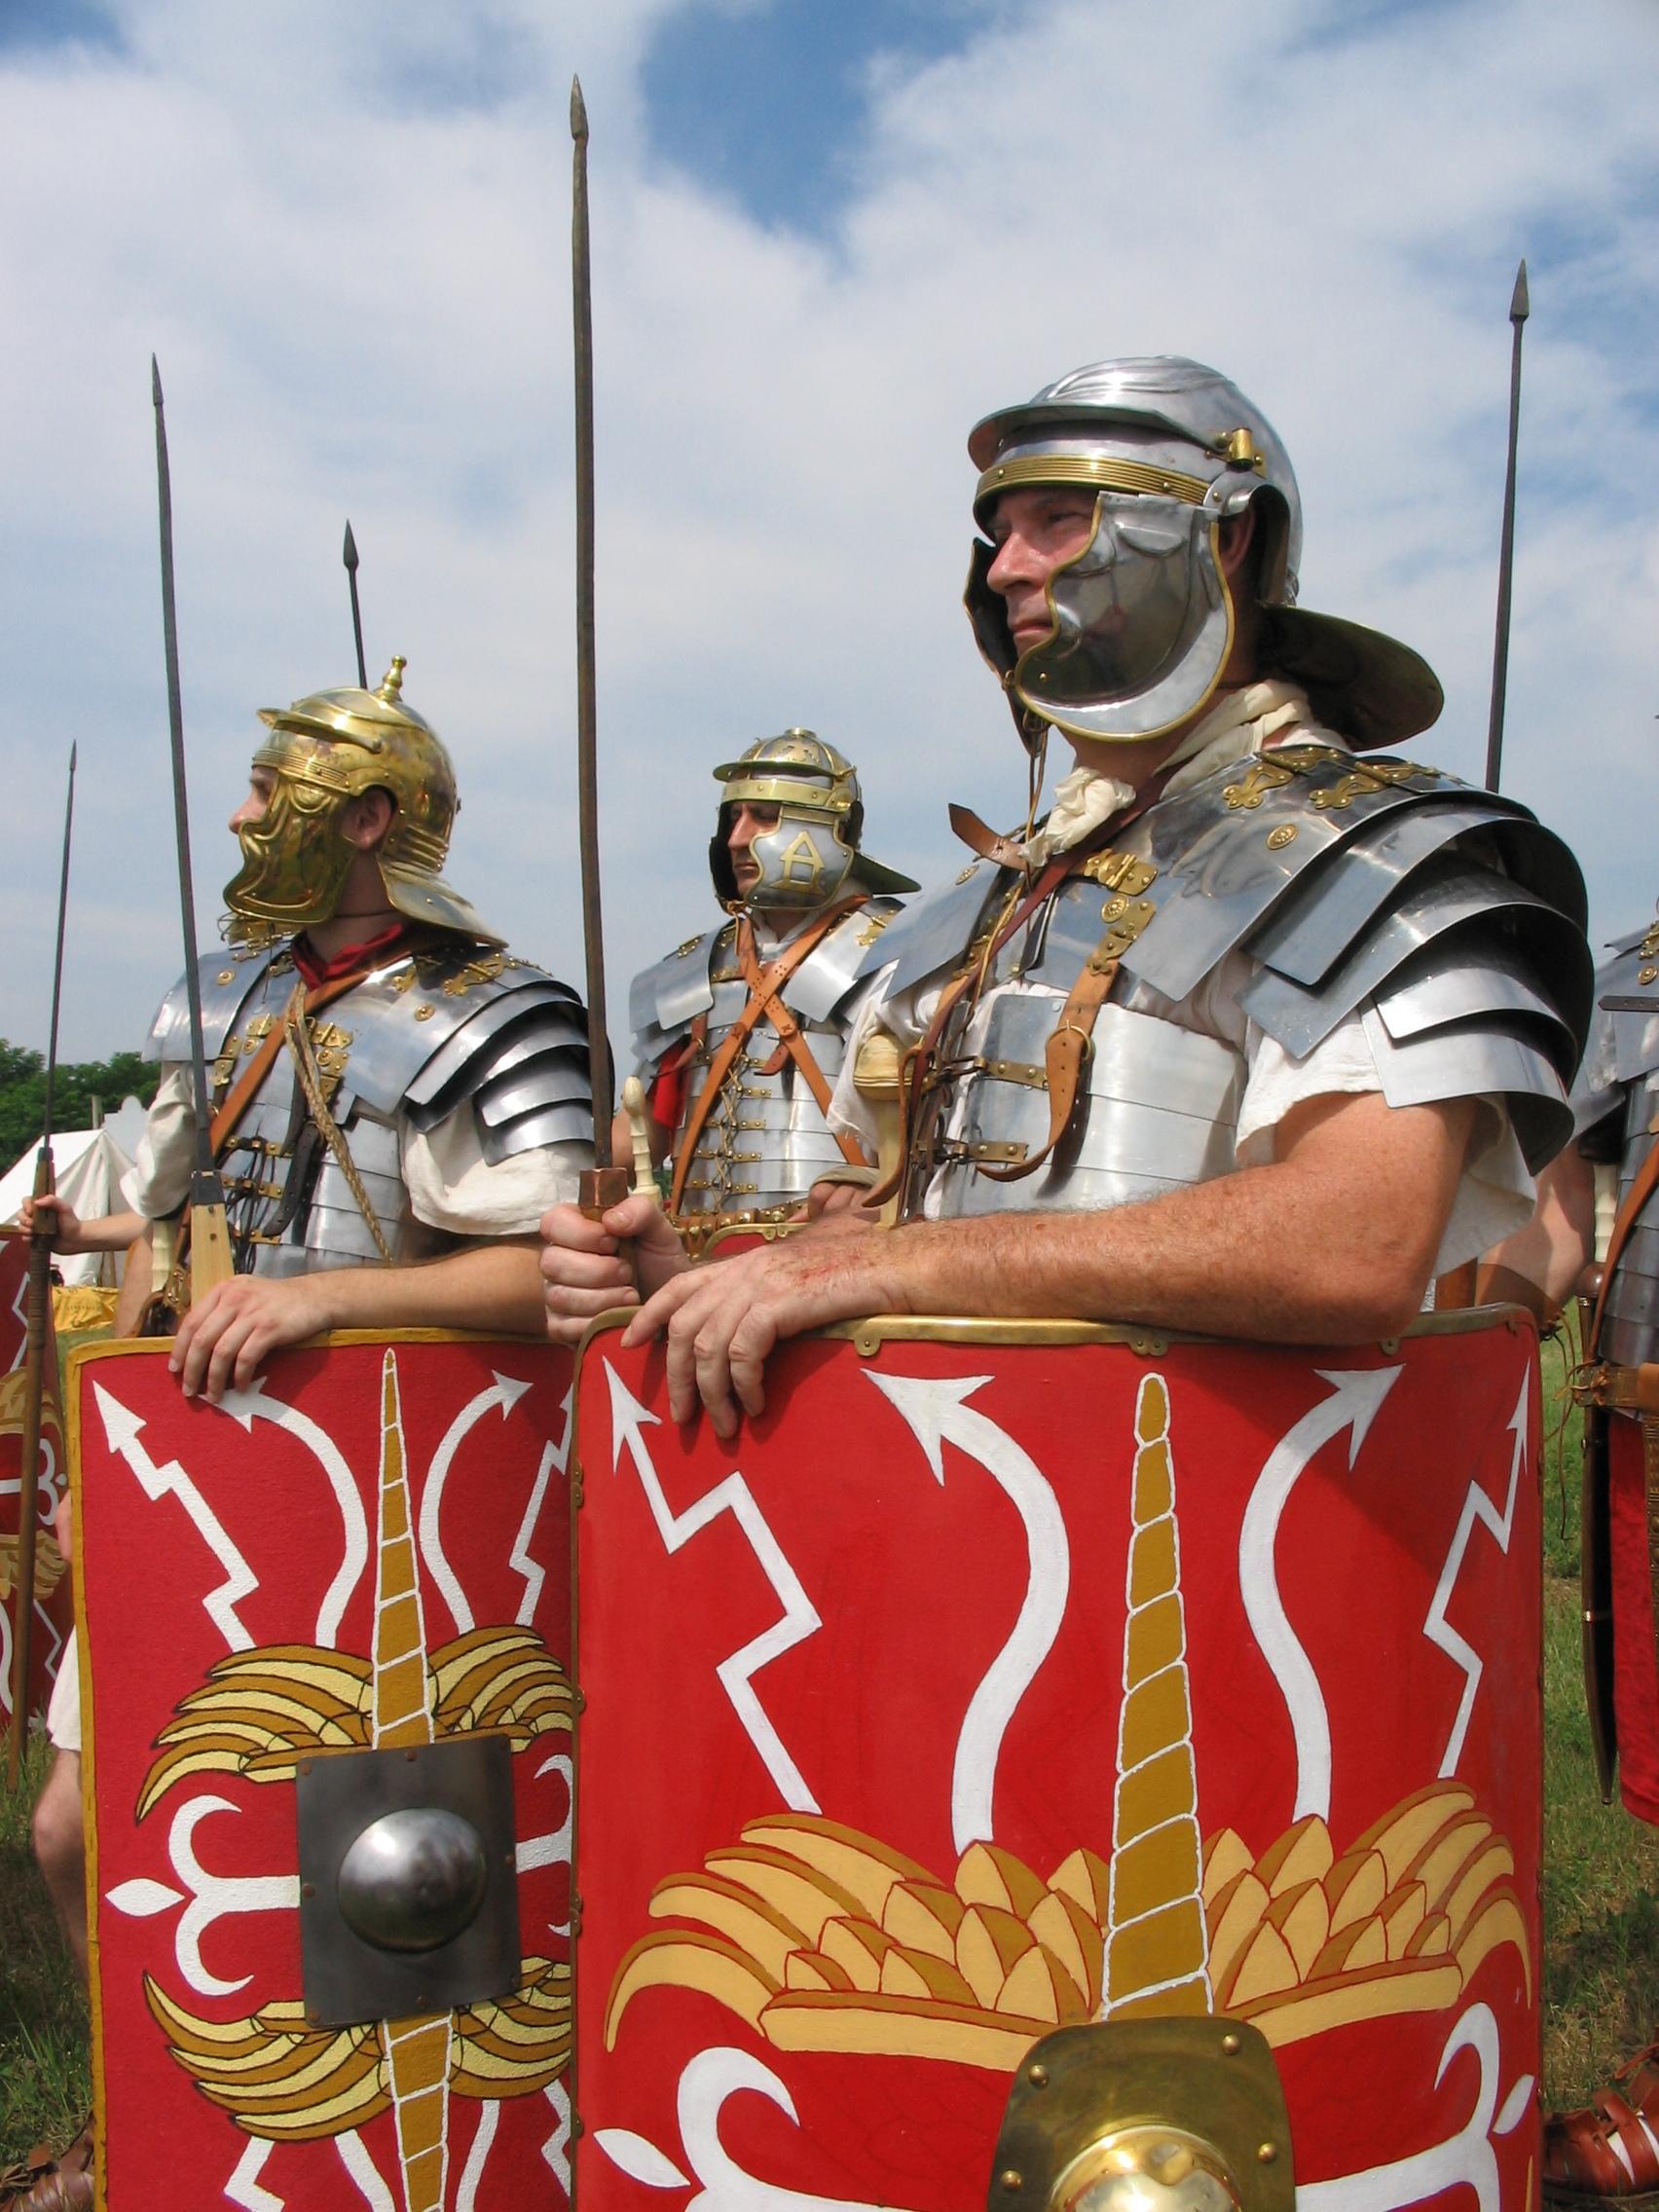 римский легион, фото, скачать, обои для рабочего стола